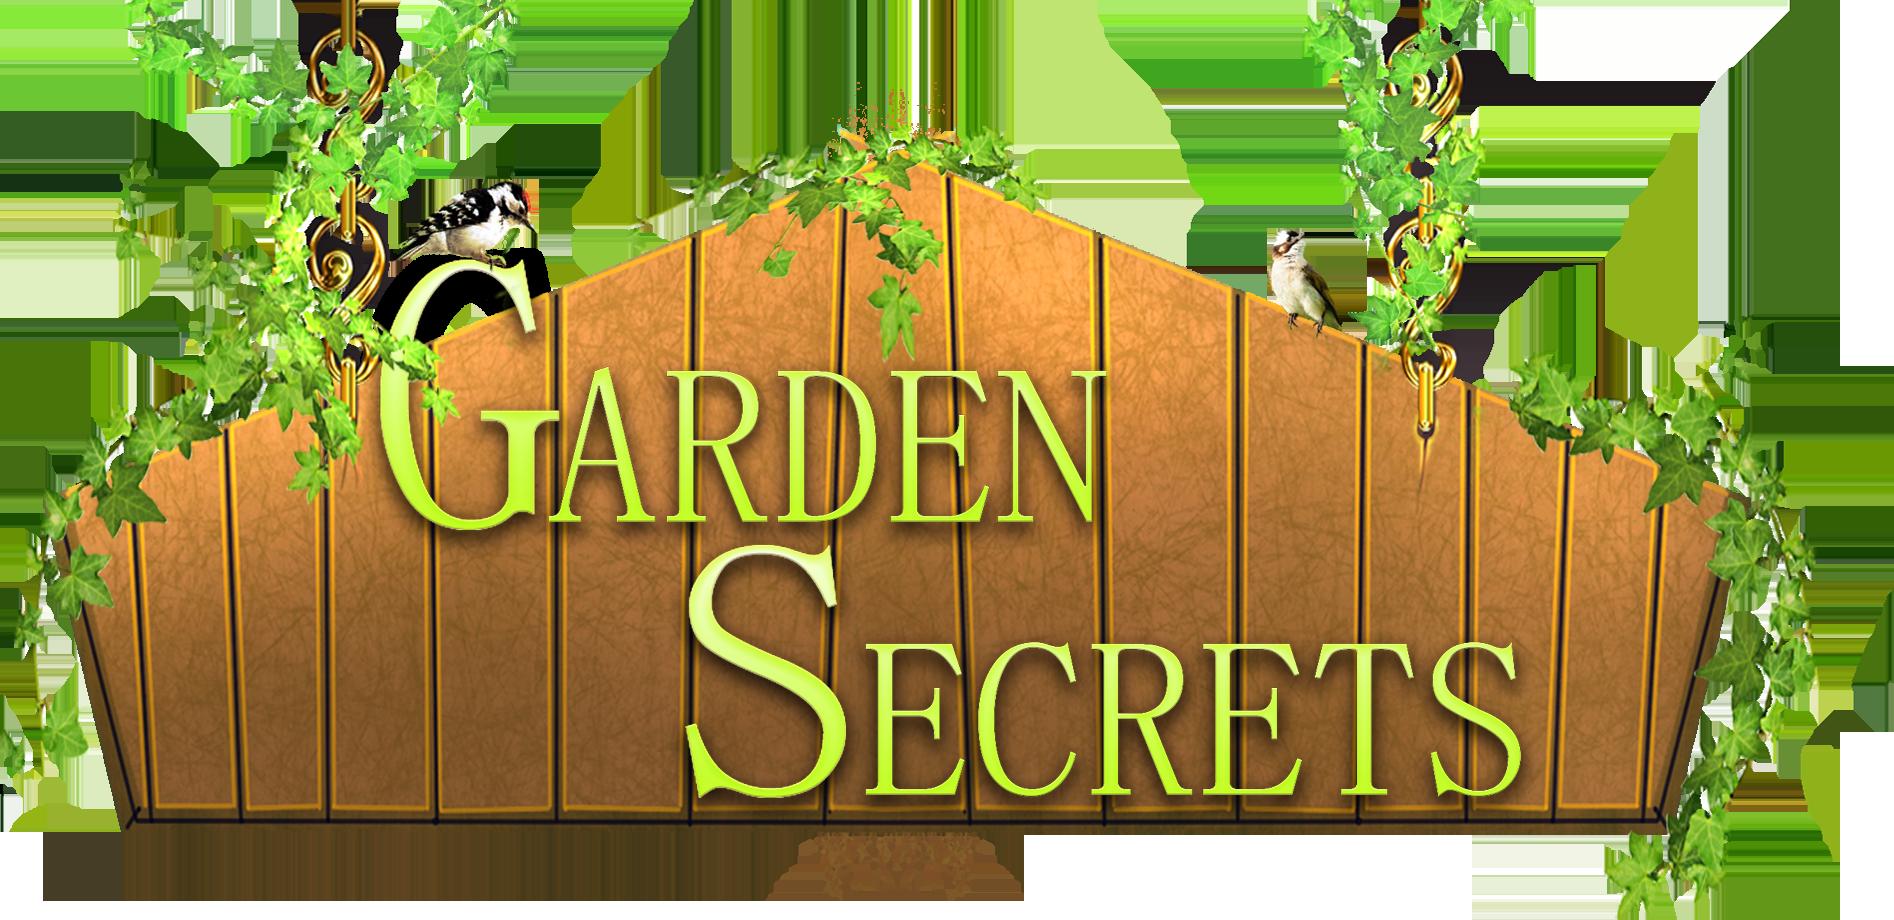 Garden Secrets - Jeu d'objets cachés interactif gratuit